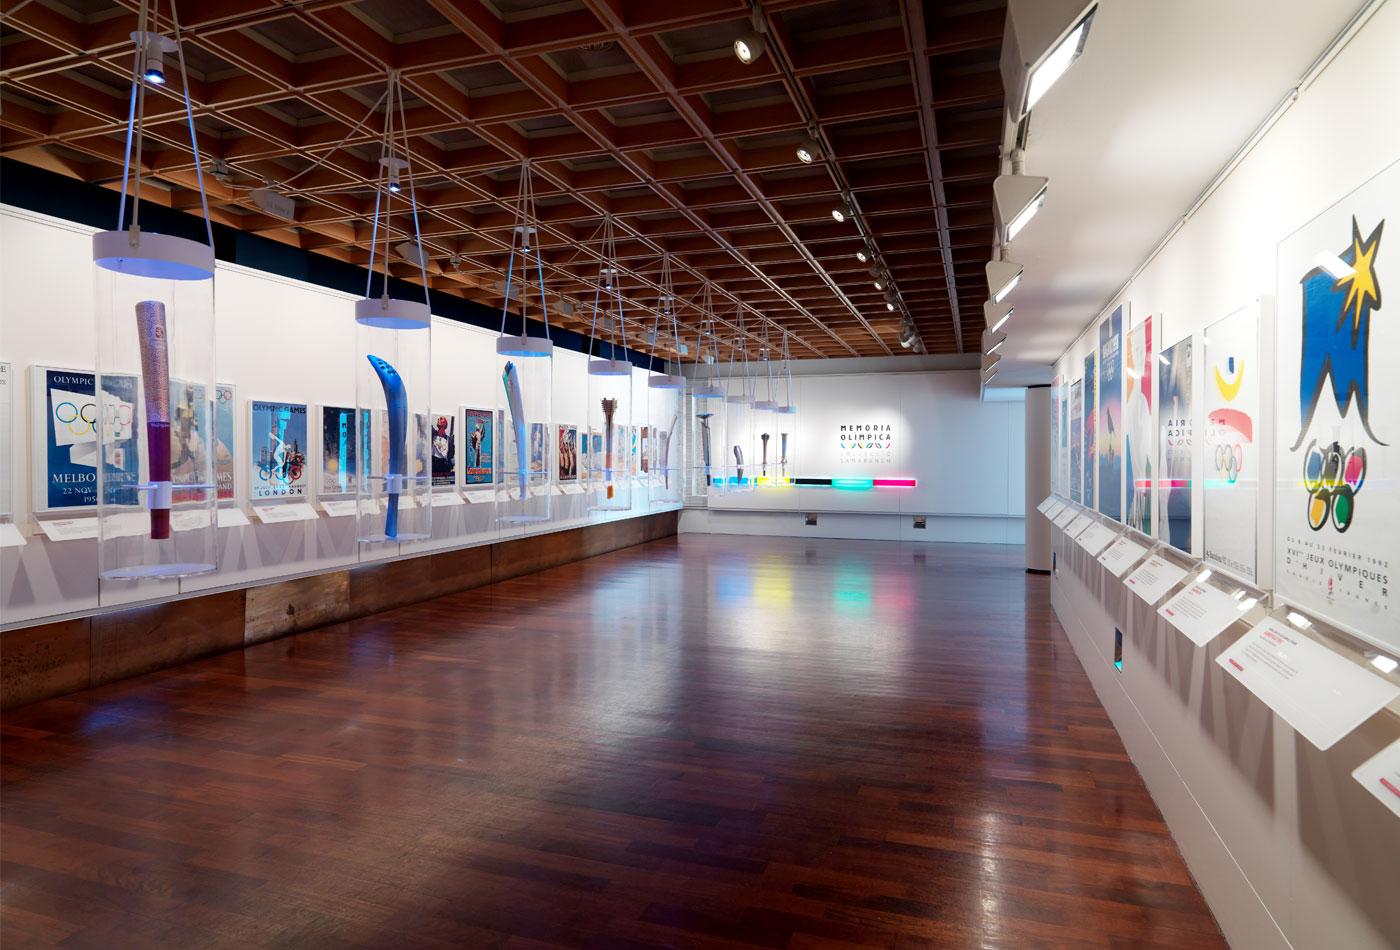 expo-memoria-olimpica-coleccion-samaranch